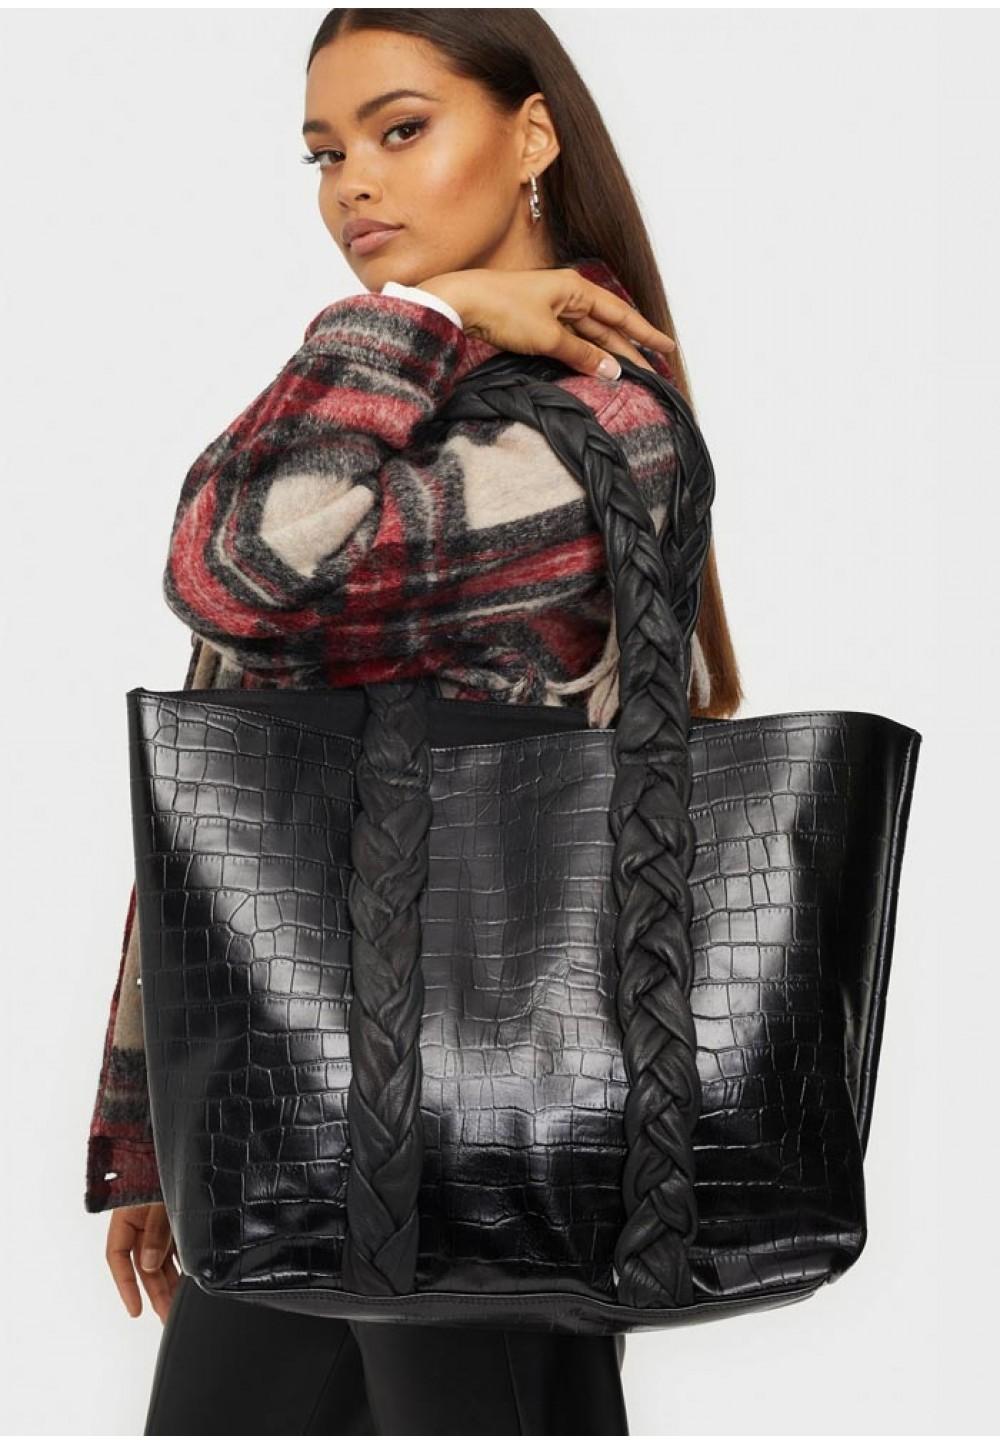 Черный кожаный шоппер Shopper croco